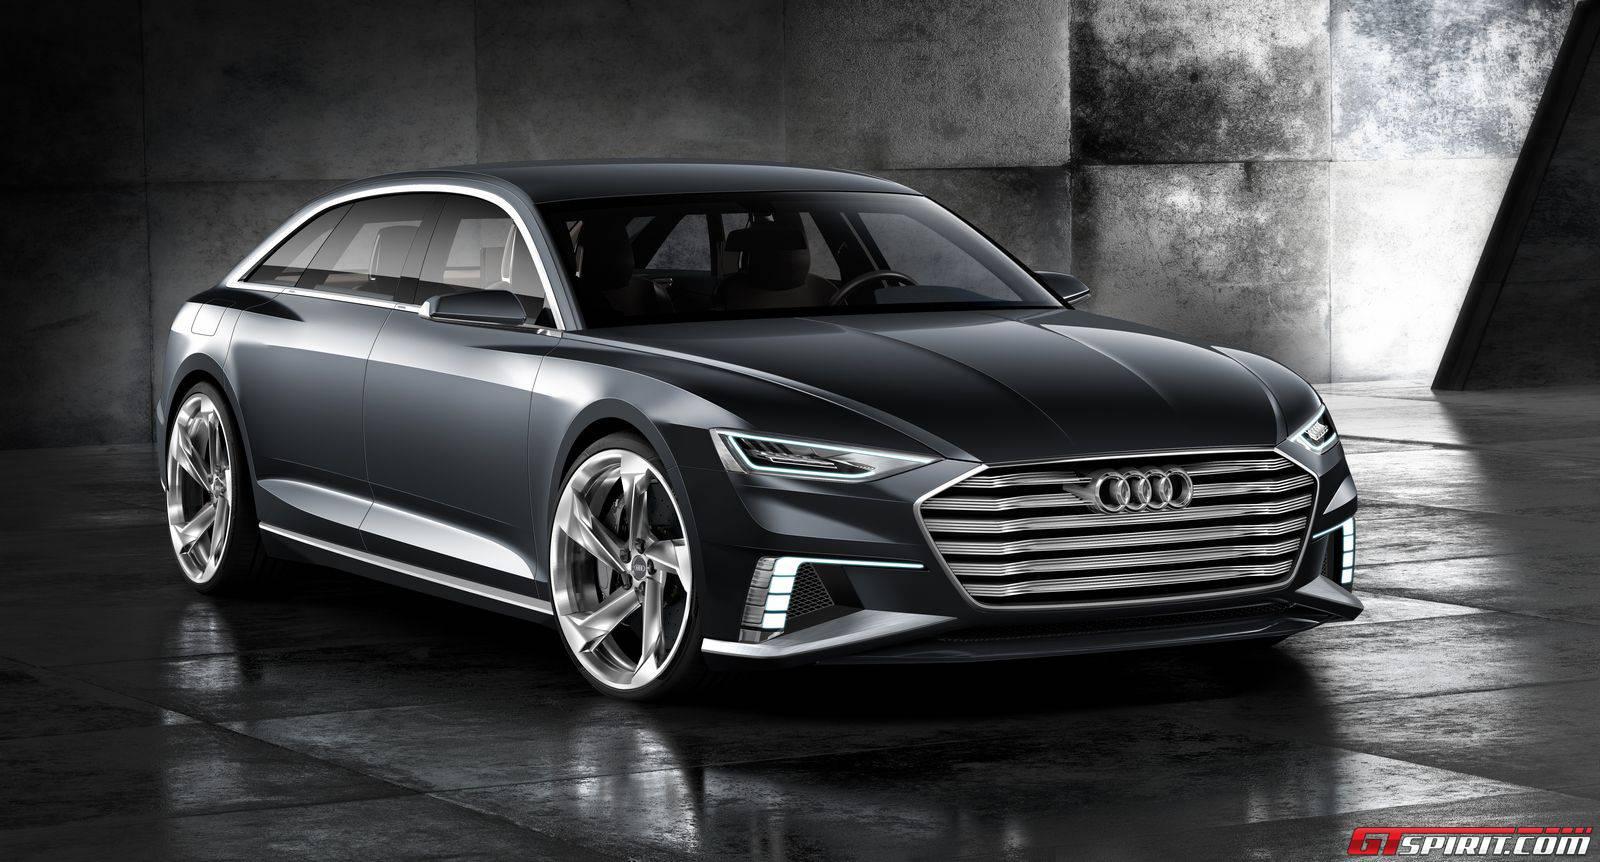 Kekurangan Audi A8 Avant Top Model Tahun Ini